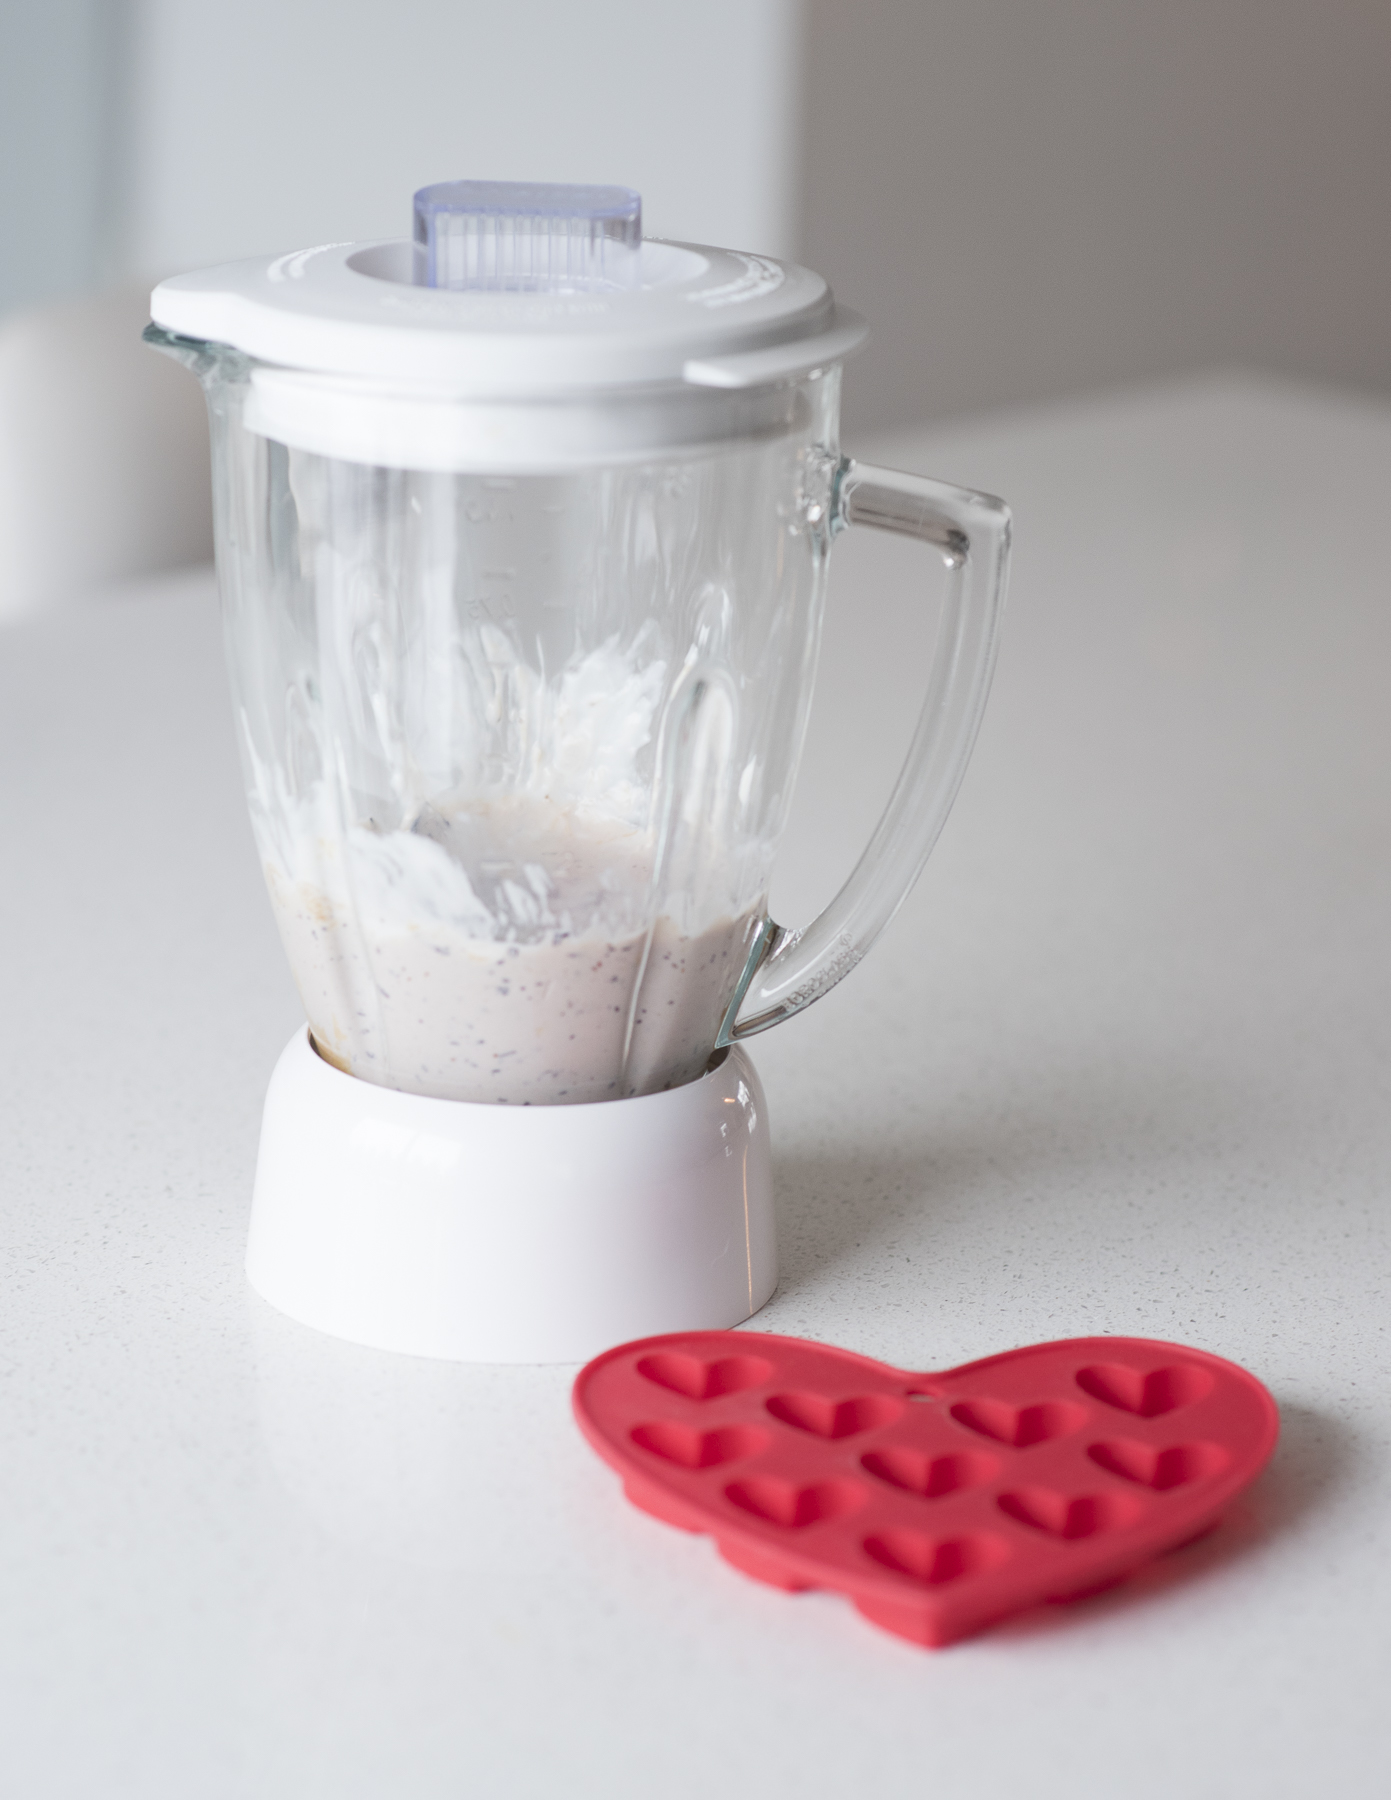 yogourt treats for dogs blender-1.jpg